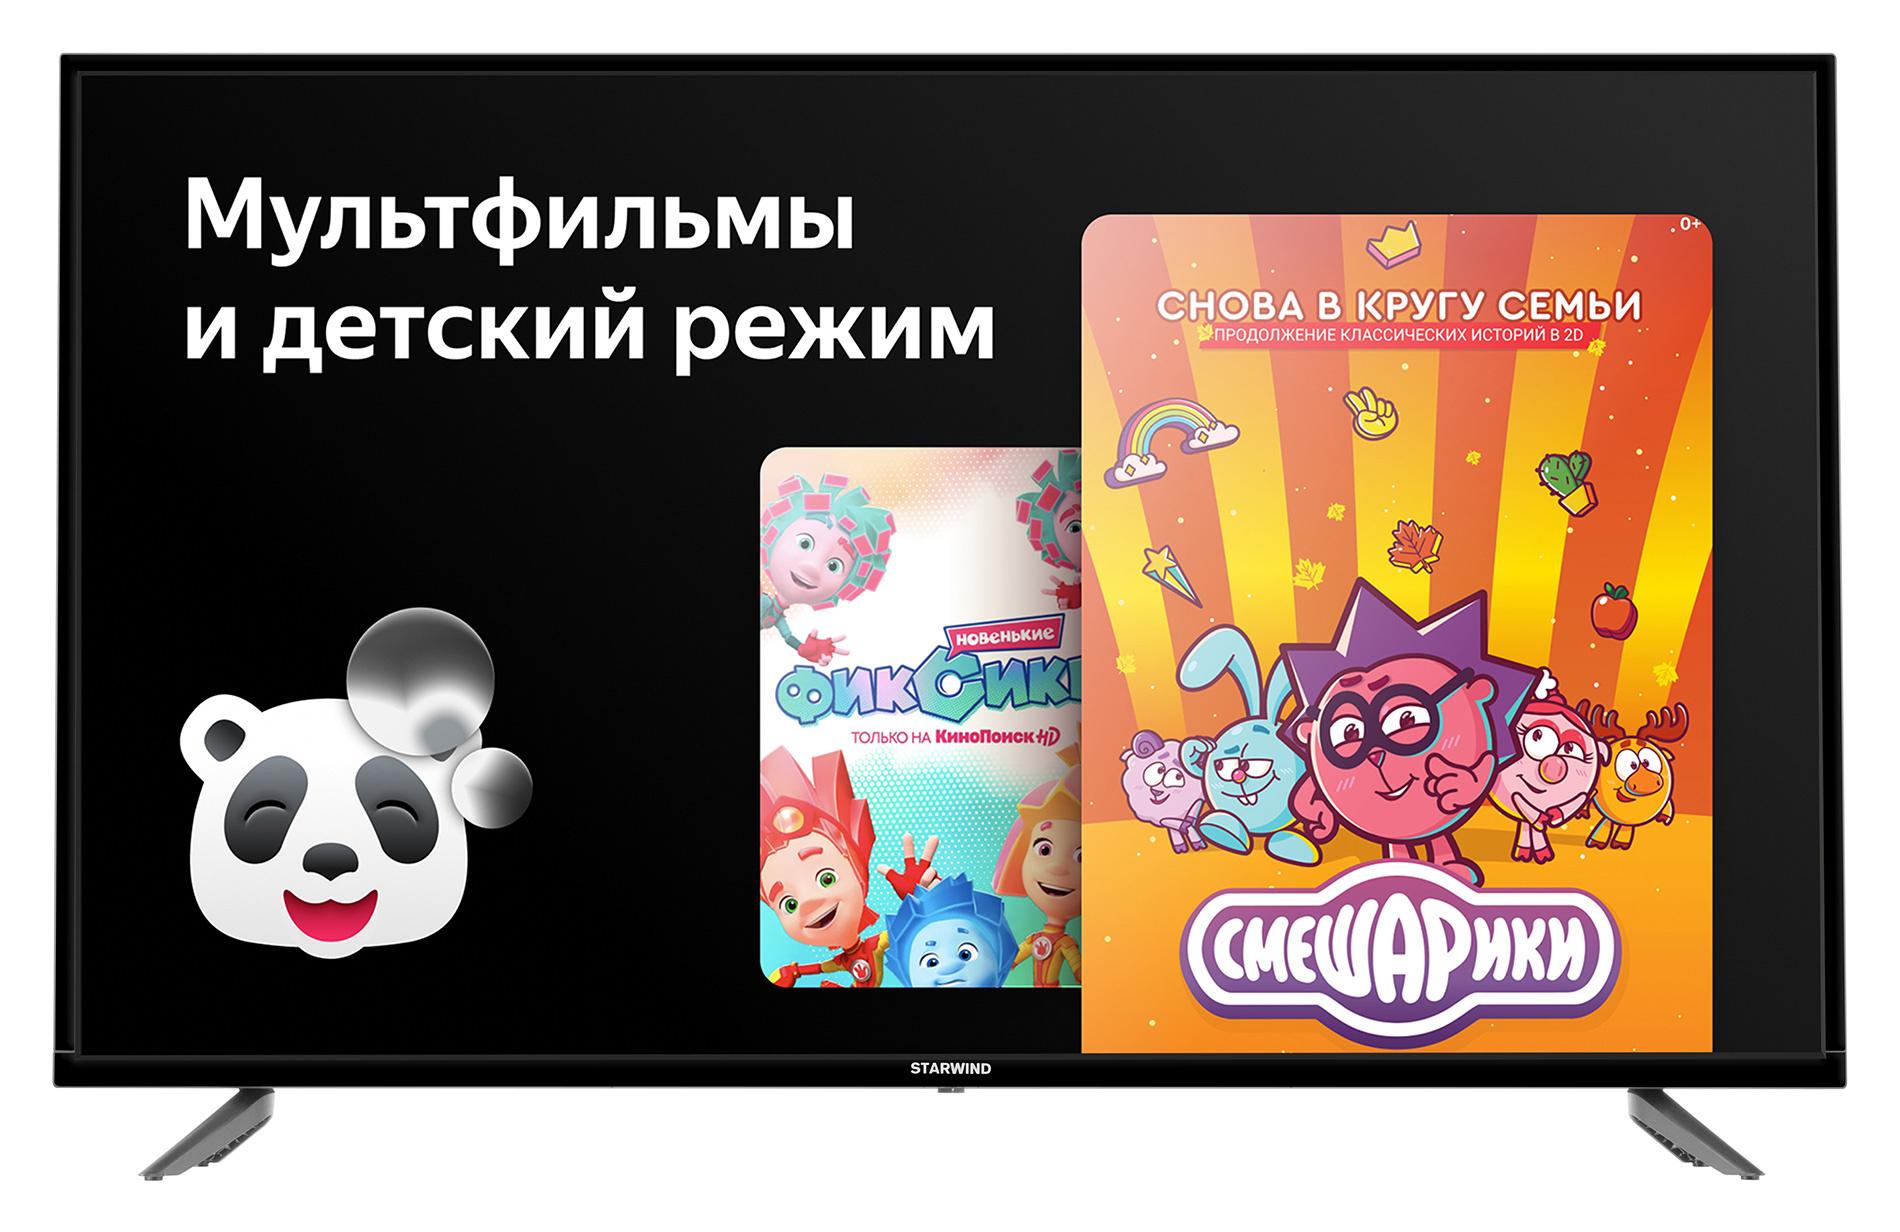 https://images.merlion.ru/145/1451705/1451705_v06_b.jpg